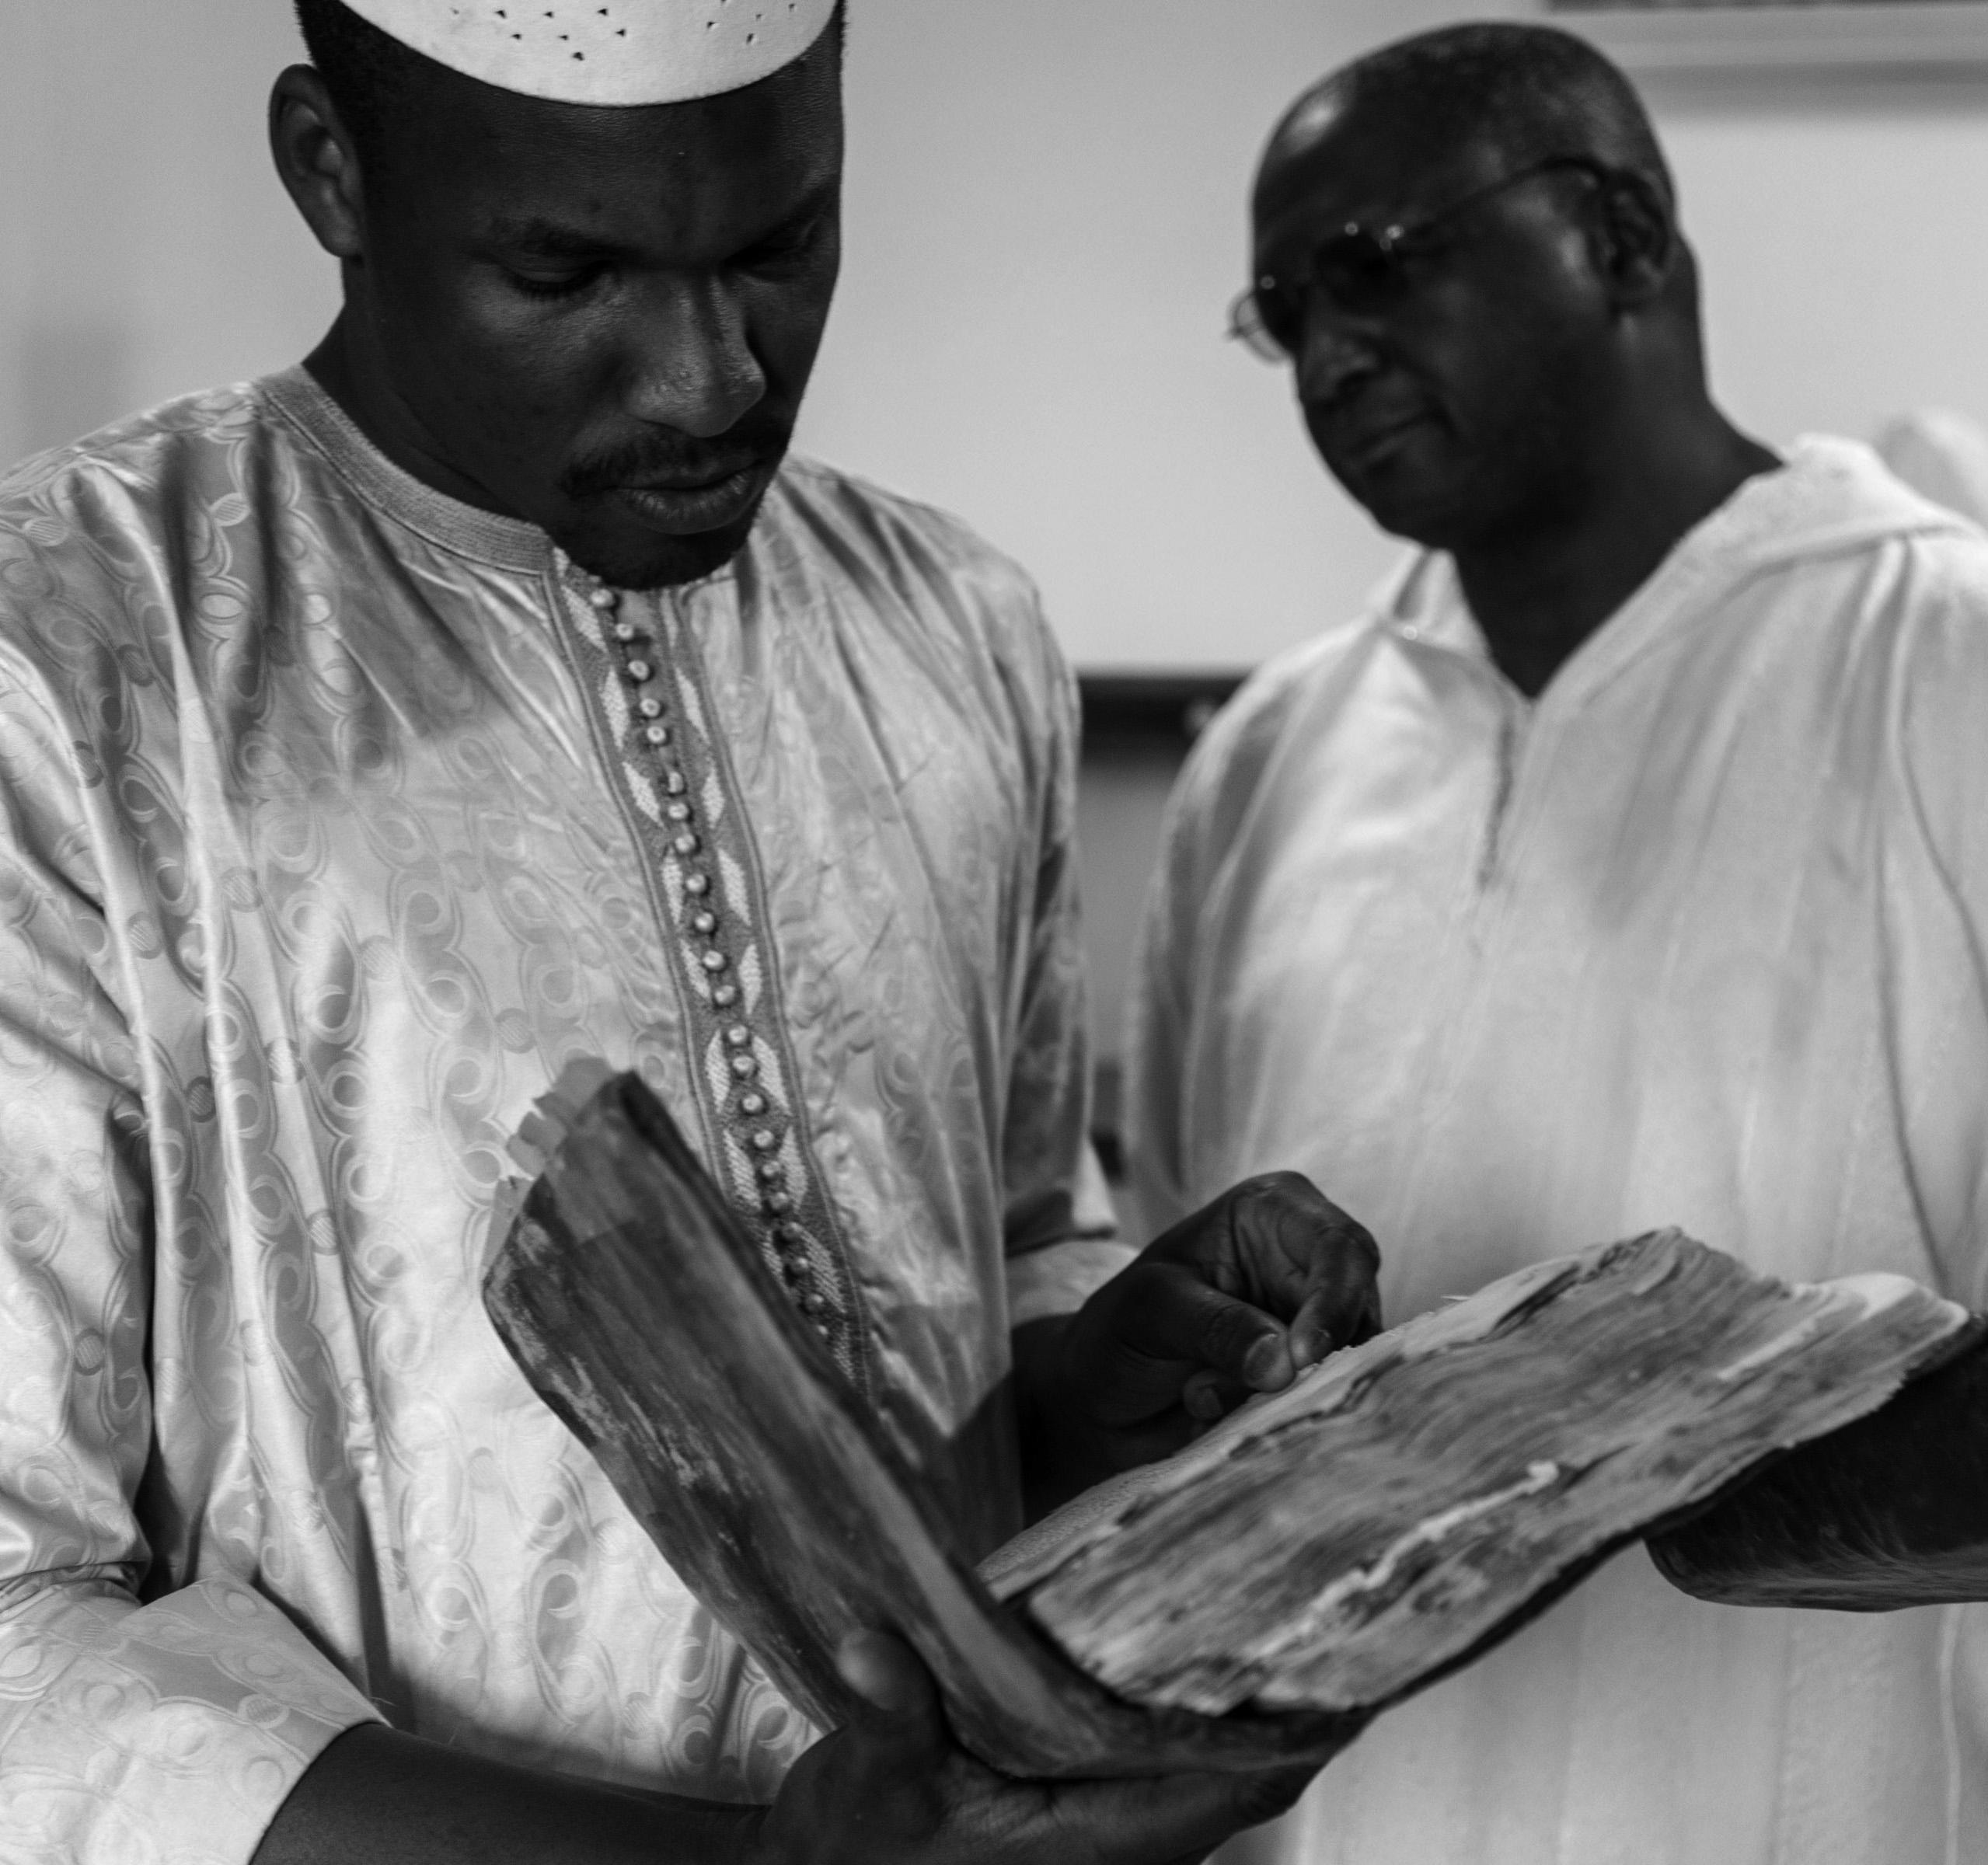 Mali, Timbuctù, operazioni di digitalizzazione presso la biblioteca Essayouti, degli imam della moschea di Djingareyber